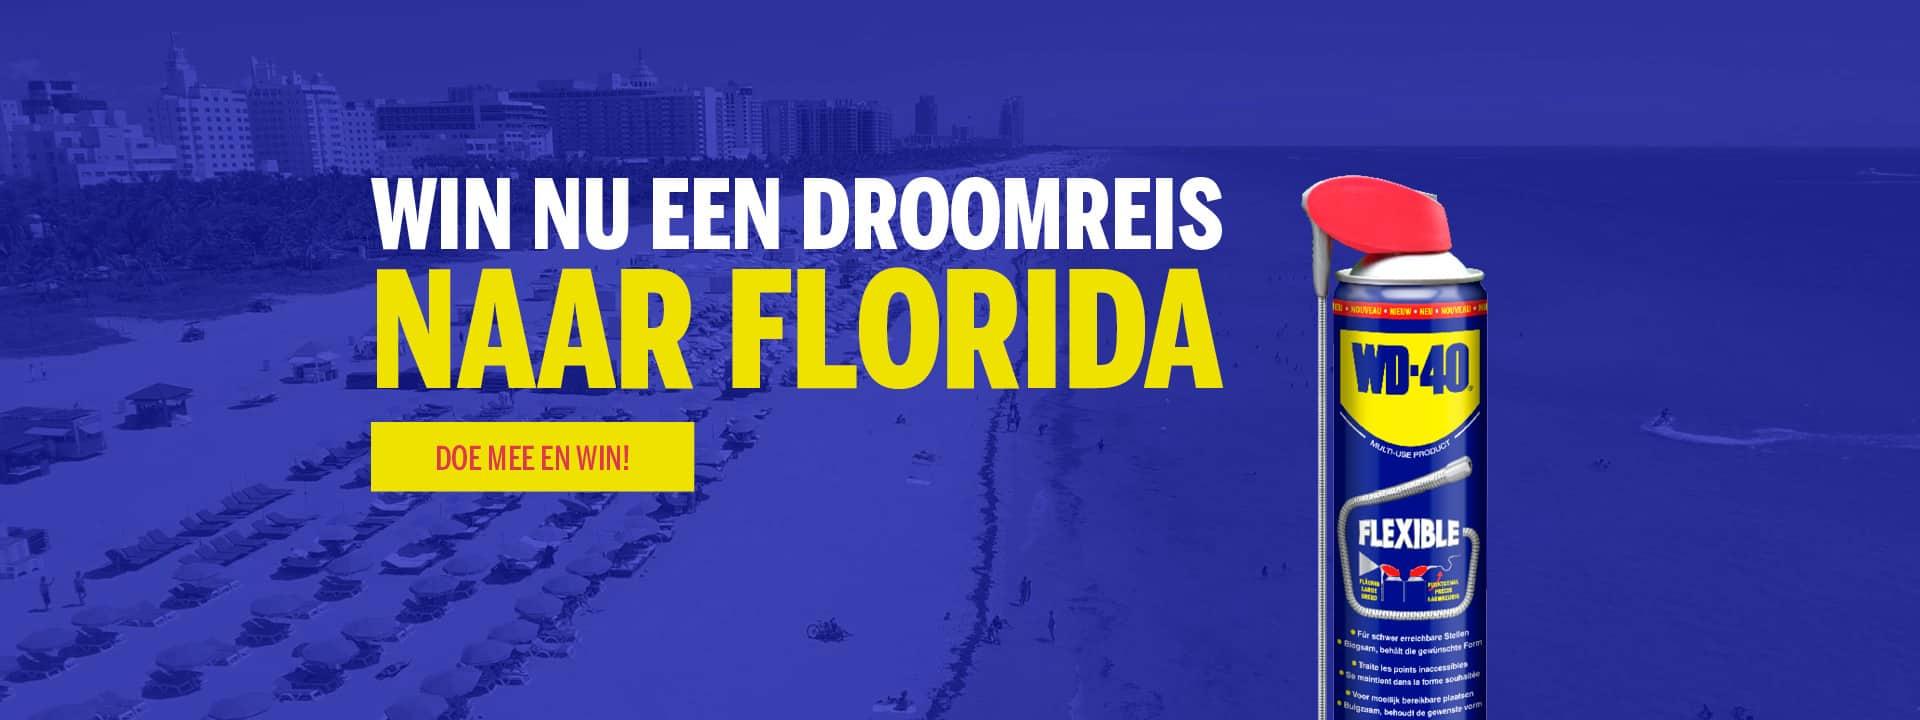 Win een droomreis naar Florida